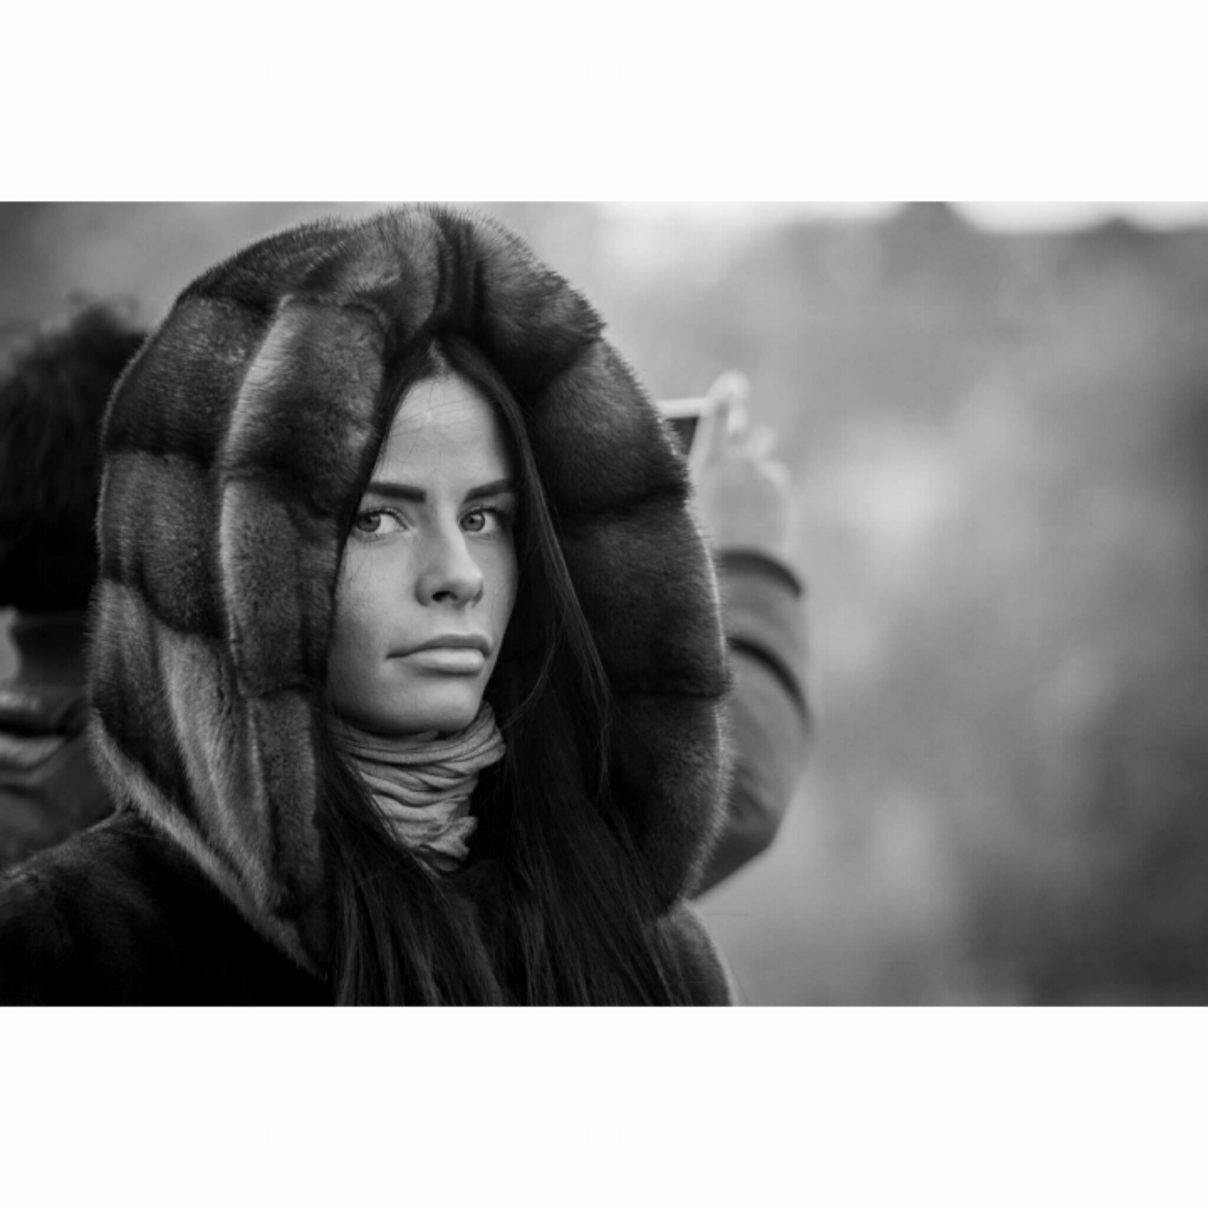 Girl in fur coat, Prague - November 2016